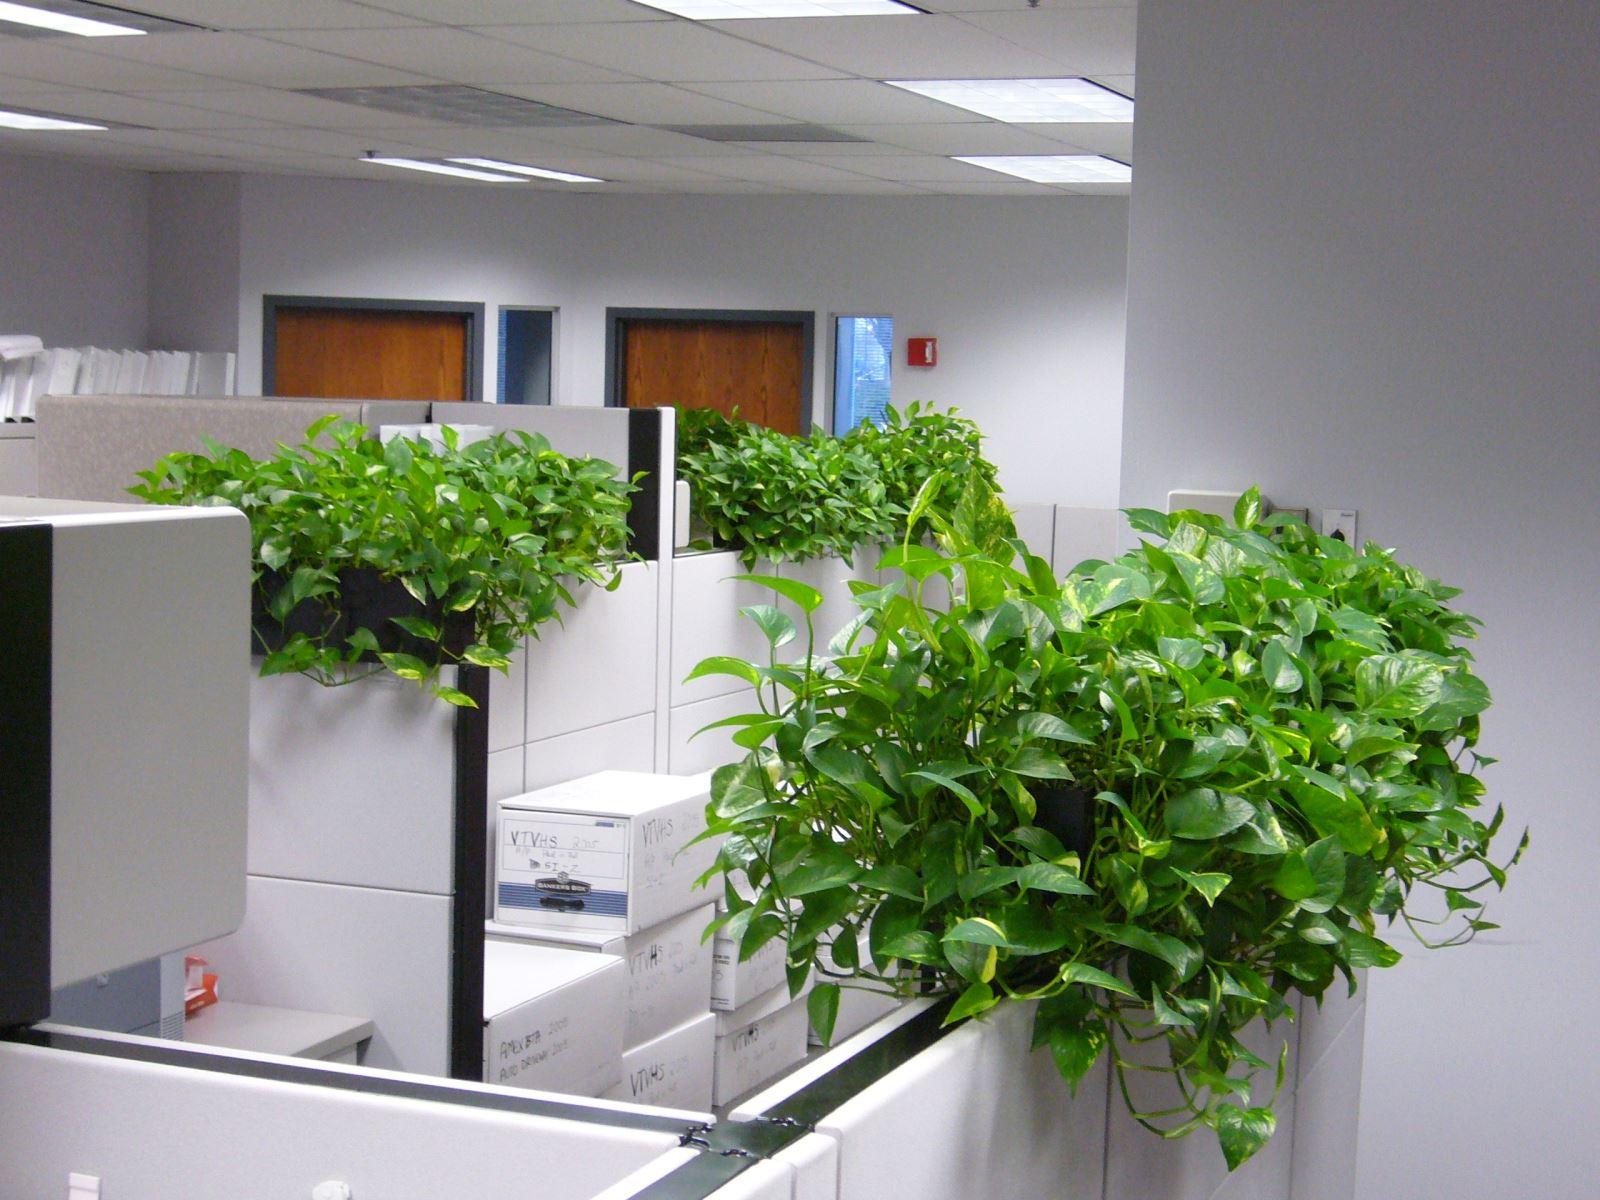 Hè nóng bức, chị em nên trồng những loại cây này để làm mát không gian ngôi nhà - Ảnh 6.